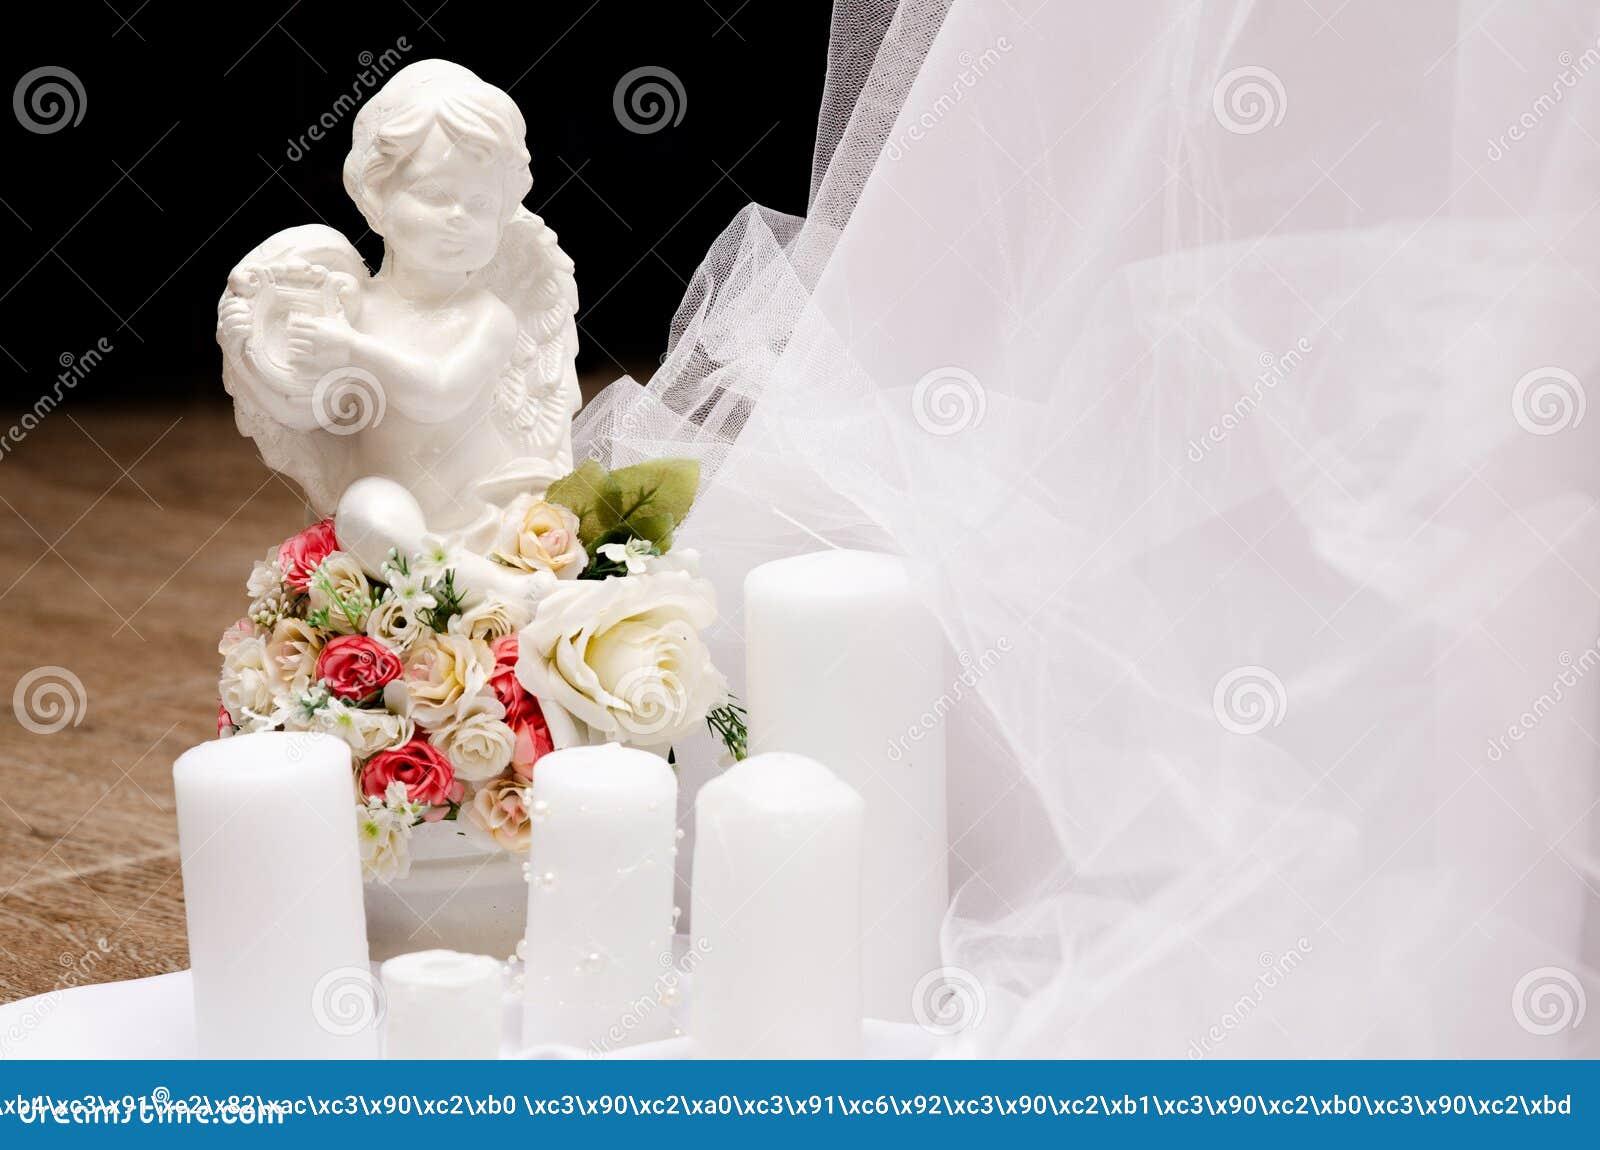 Figurina di angelo con le candele e le rose di nozze